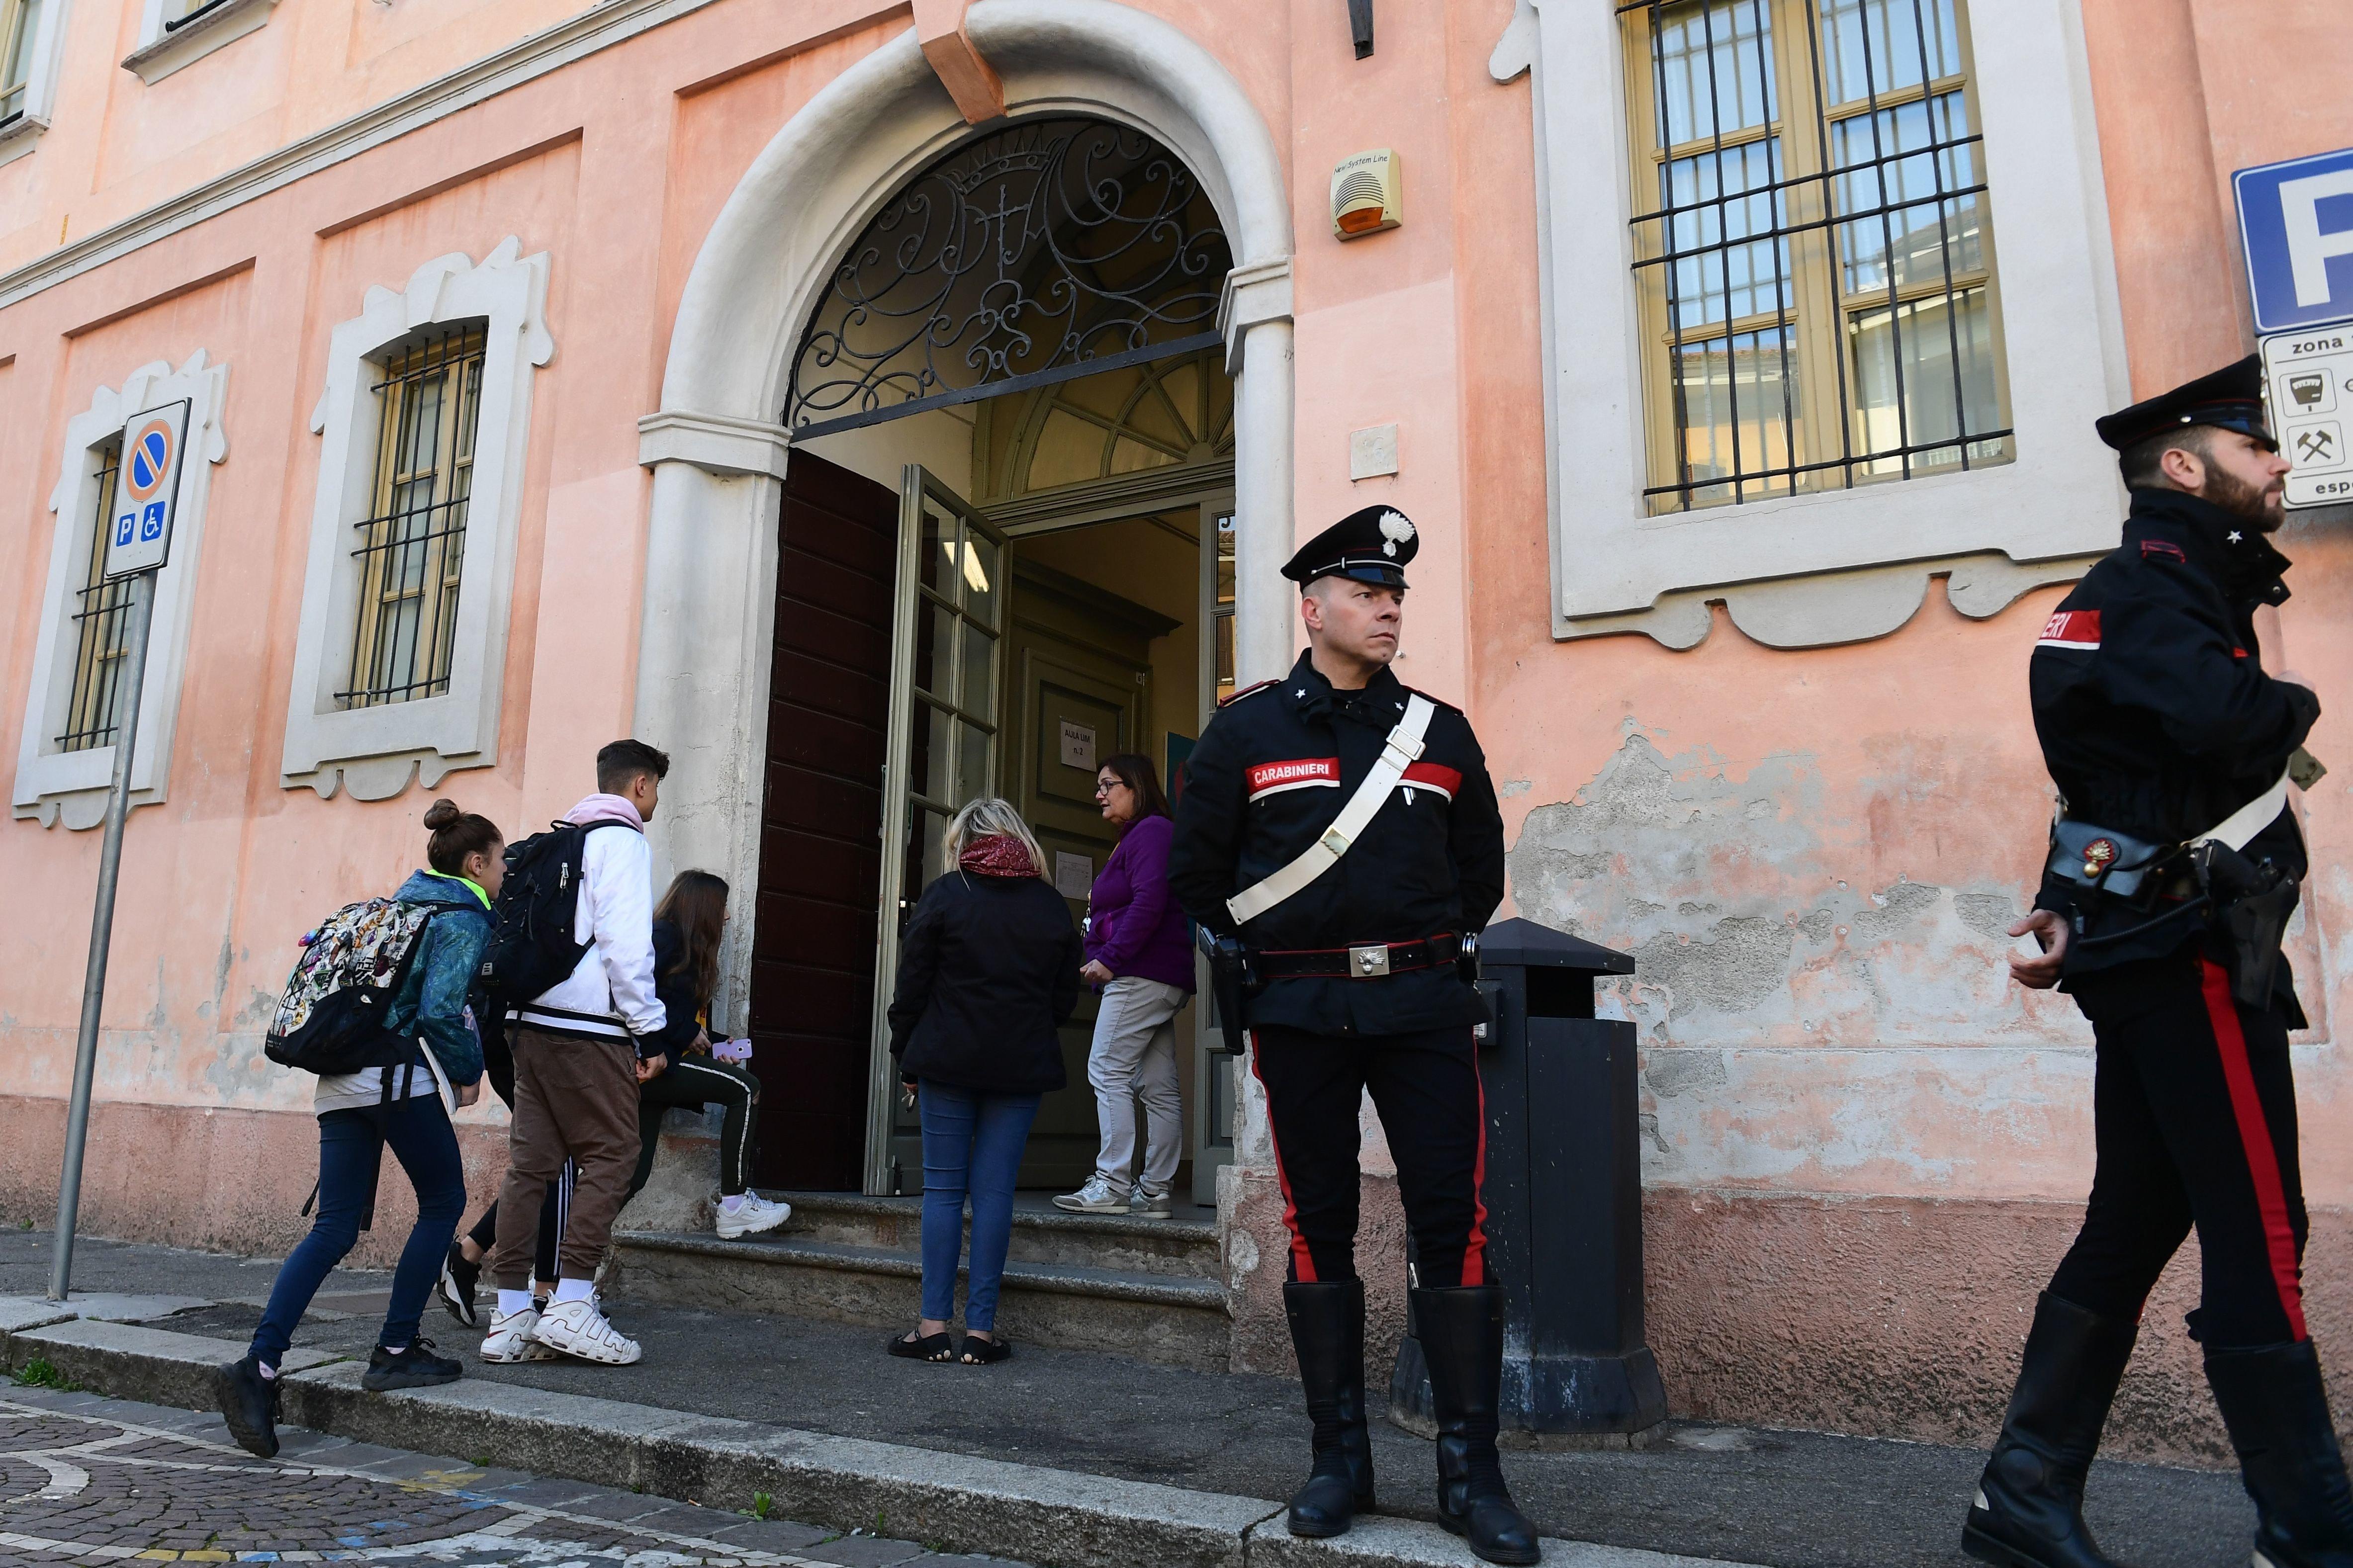 Ιταλία: Νοσηλεύτρια αποπλάνησε αγόρι 13 ετών και απέκτησε παιδί μαζί